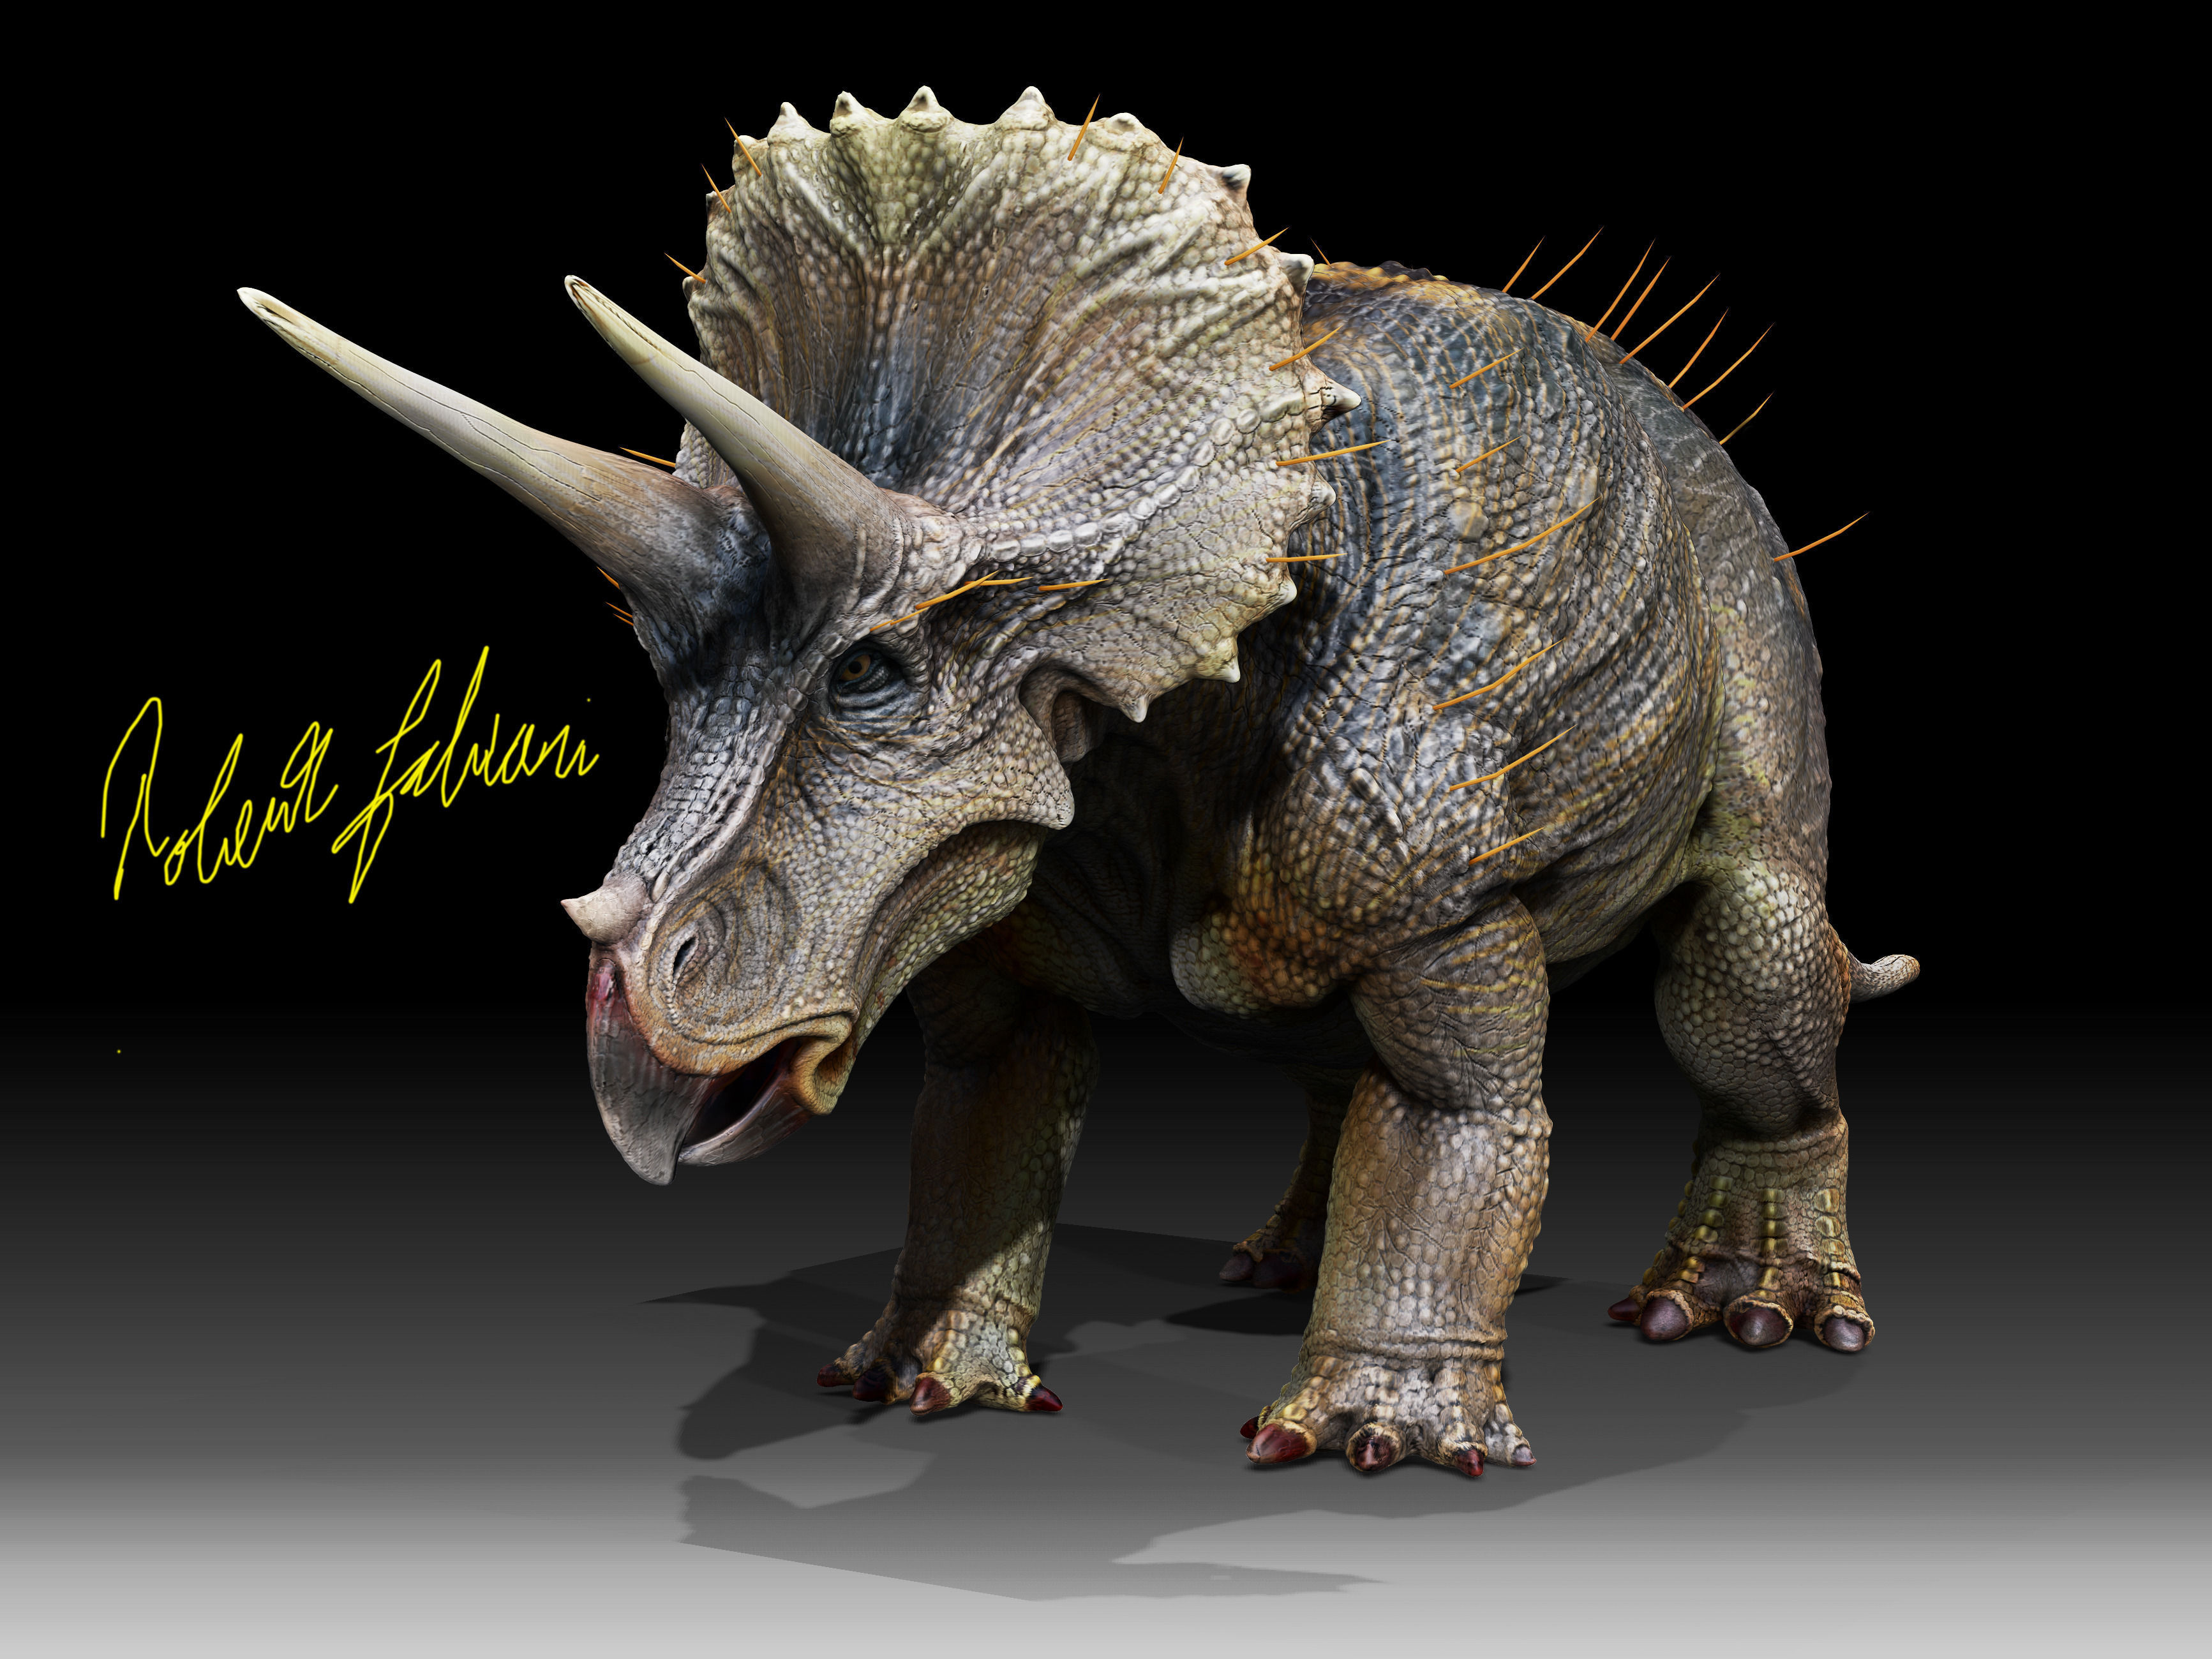 triceratops horridus 3d model obj tga 1